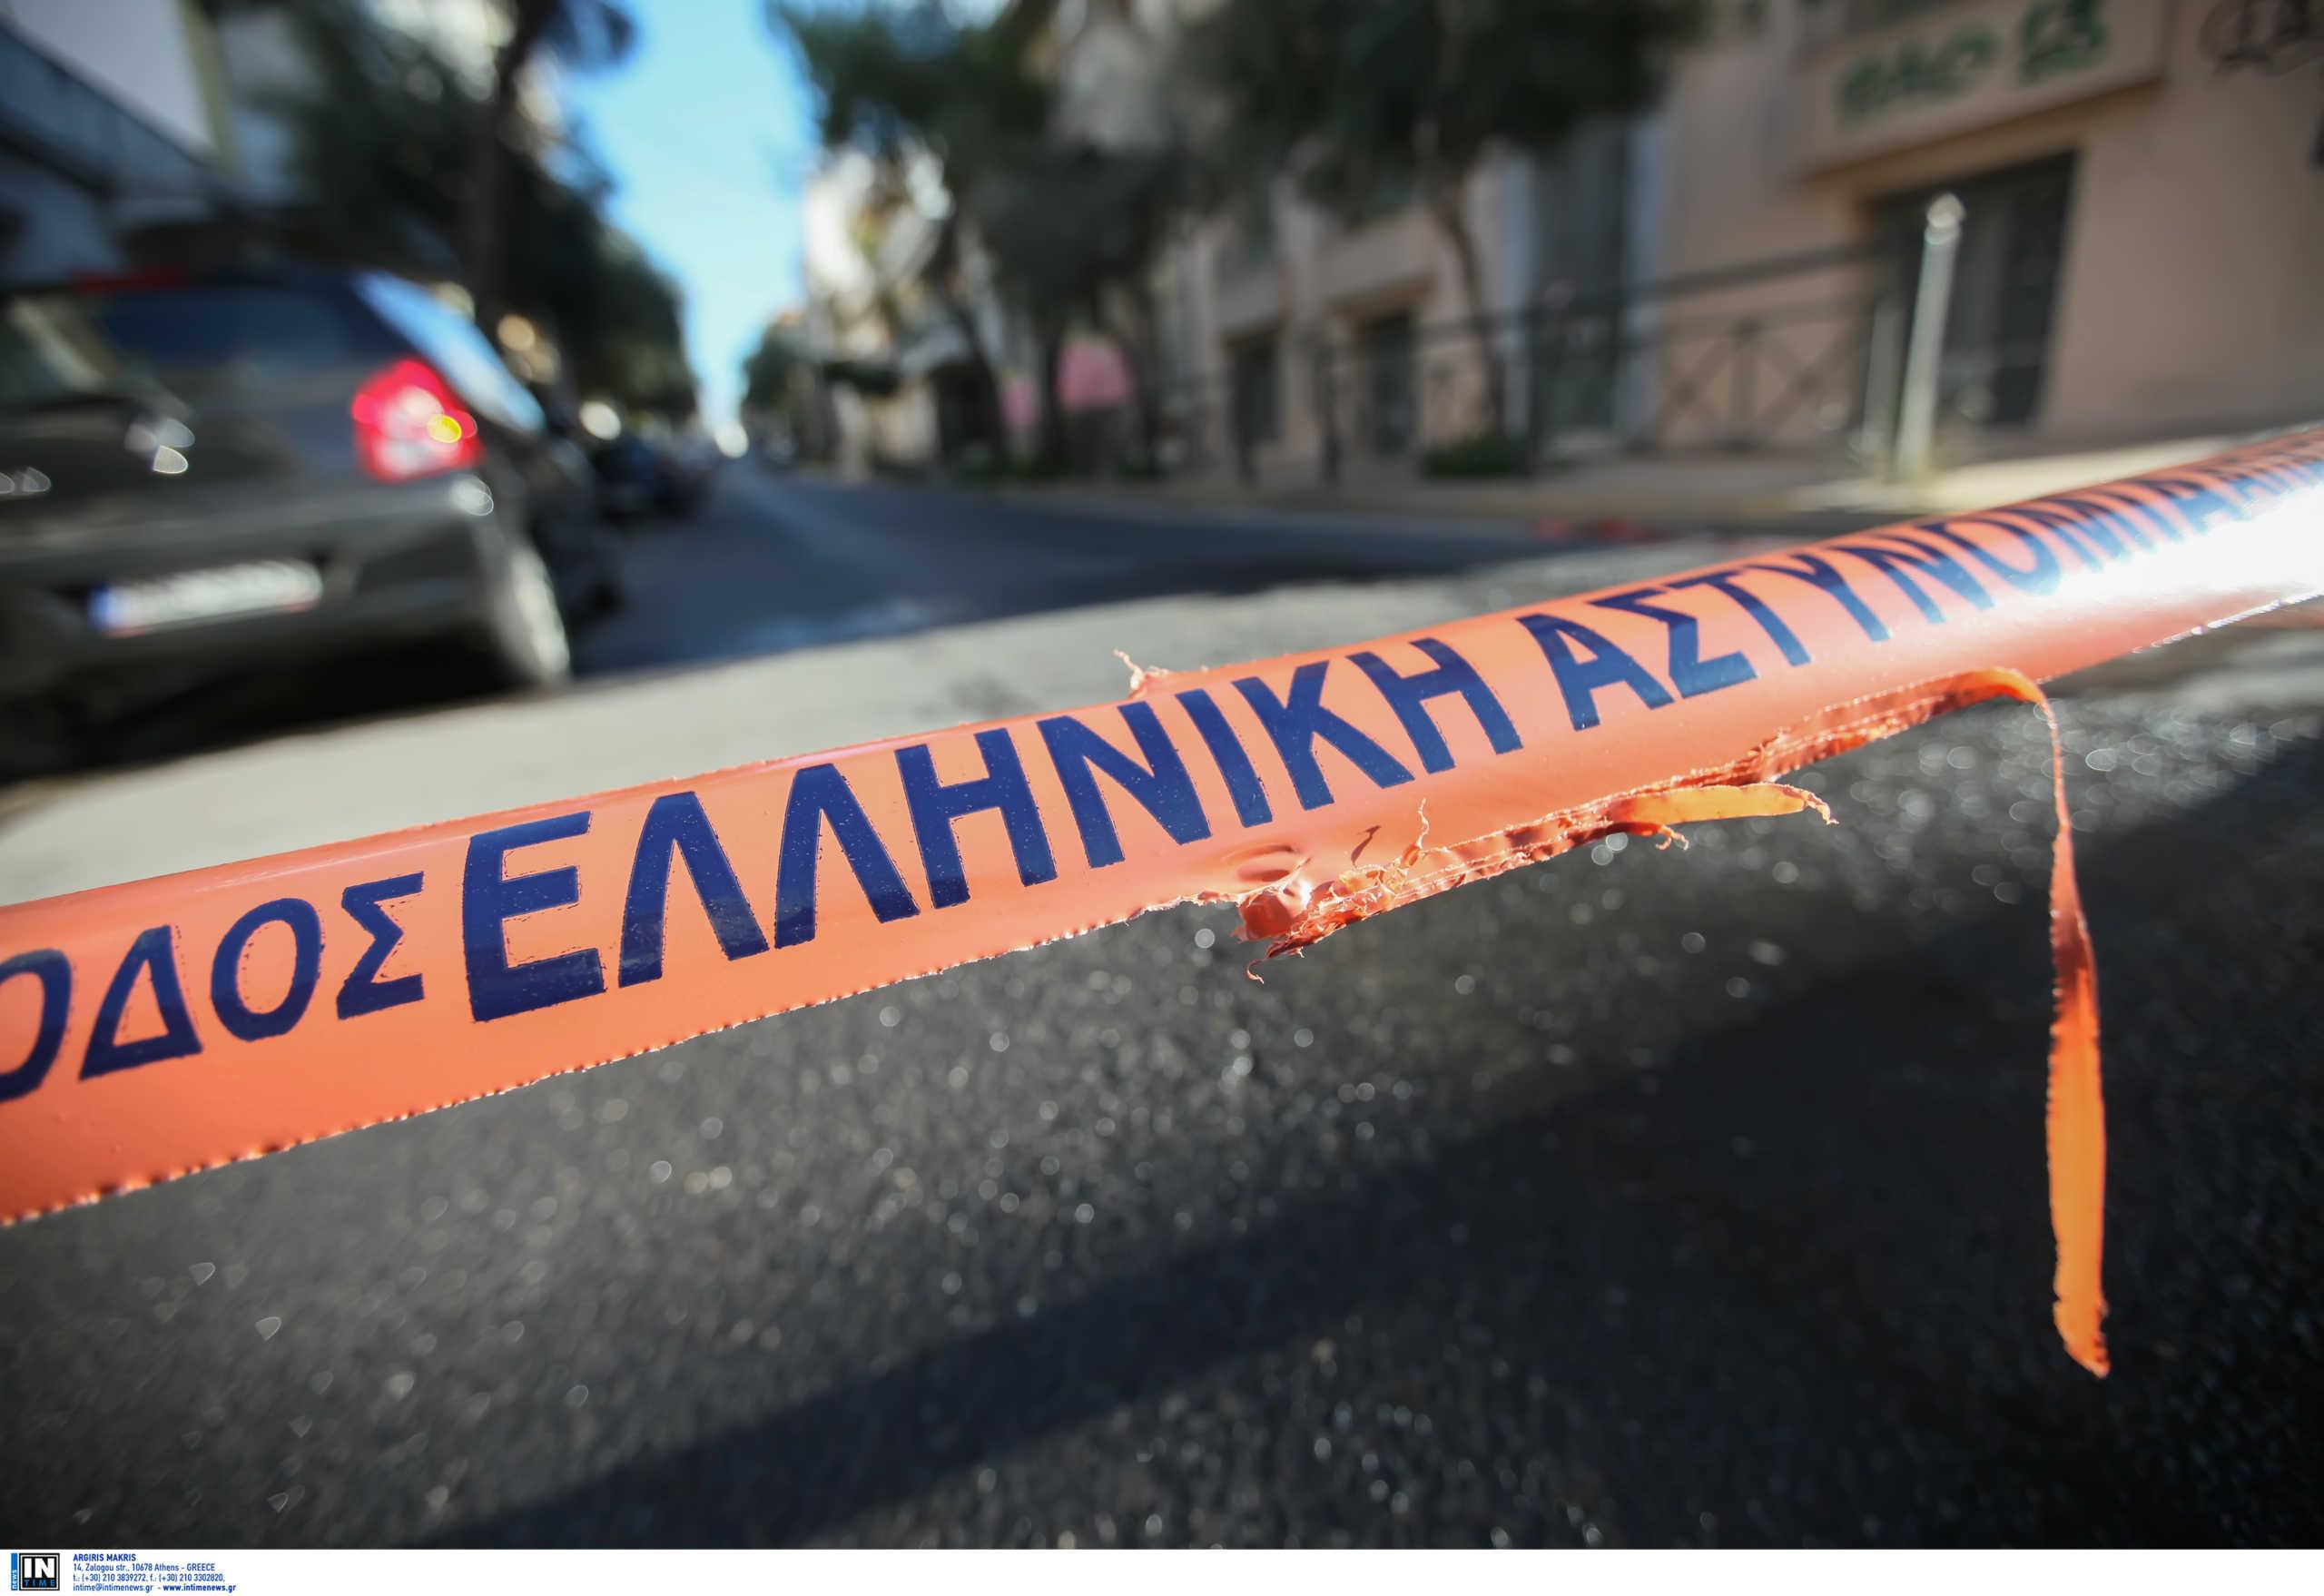 Θεσσαλονίκη: Τον πρόδωσαν οι κινήσεις πανικού – Η πεζή καταδίωξη αποκάλυψε την άγνωστη αλήθεια